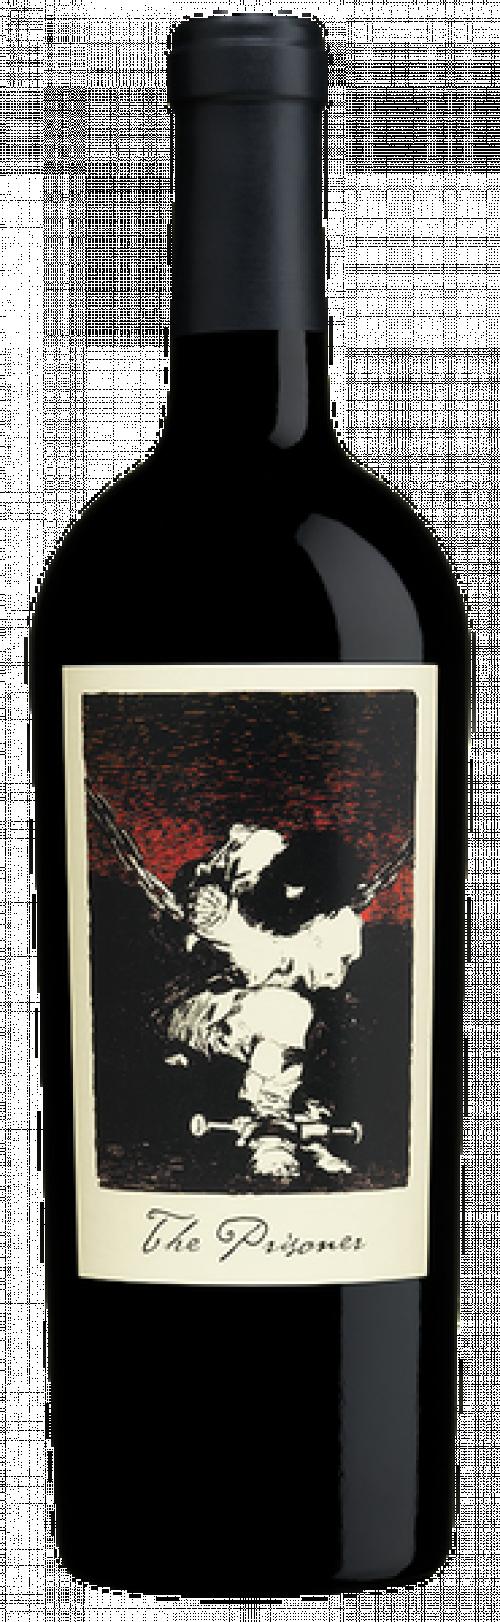 2019 Prisoner Wine Company The Prisoner Red Blend 750ml